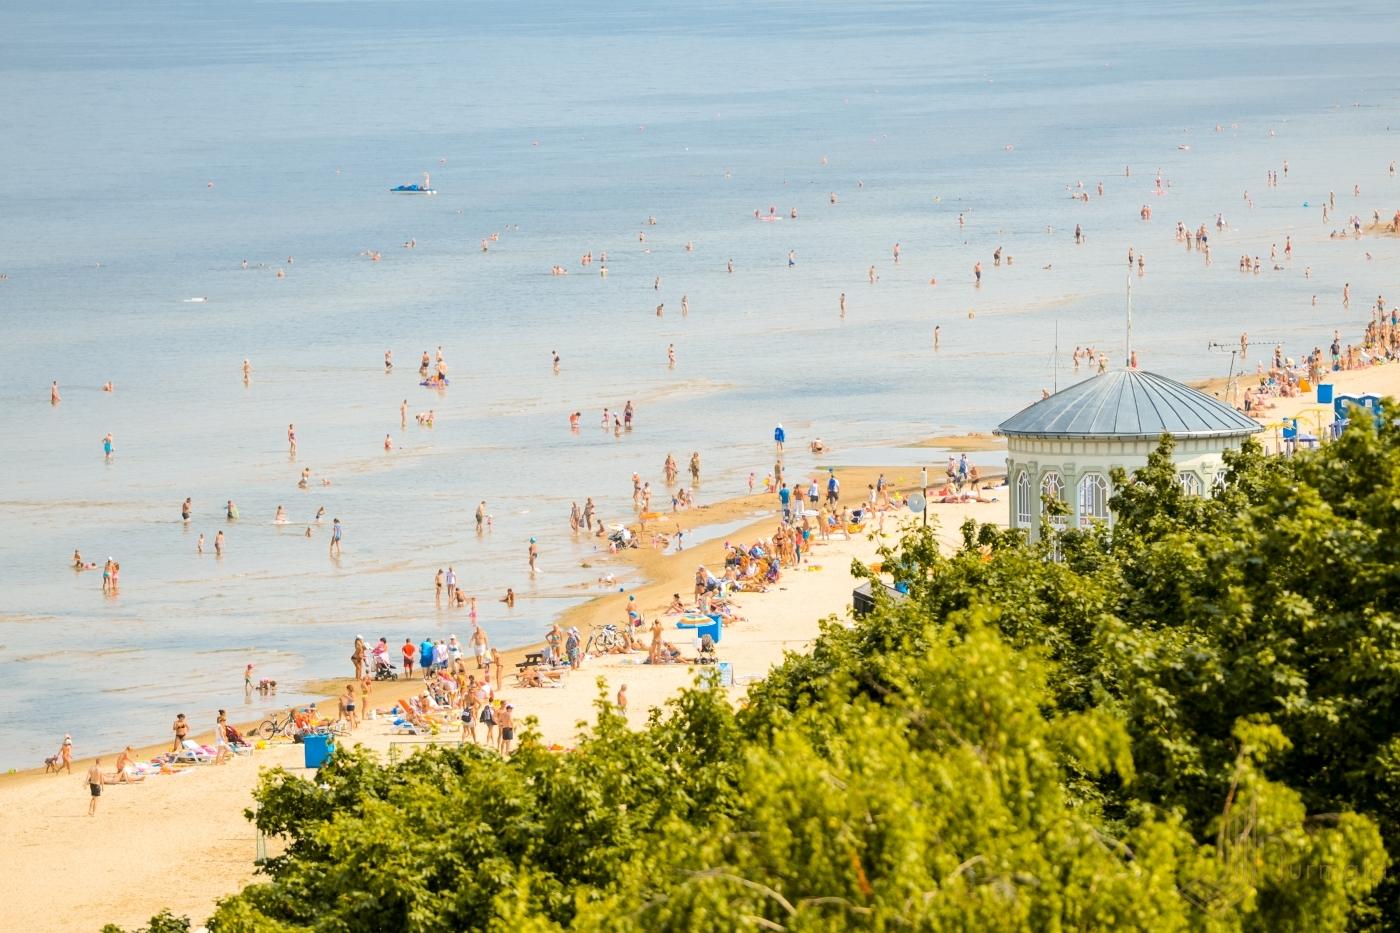 влагалища на пляже фото